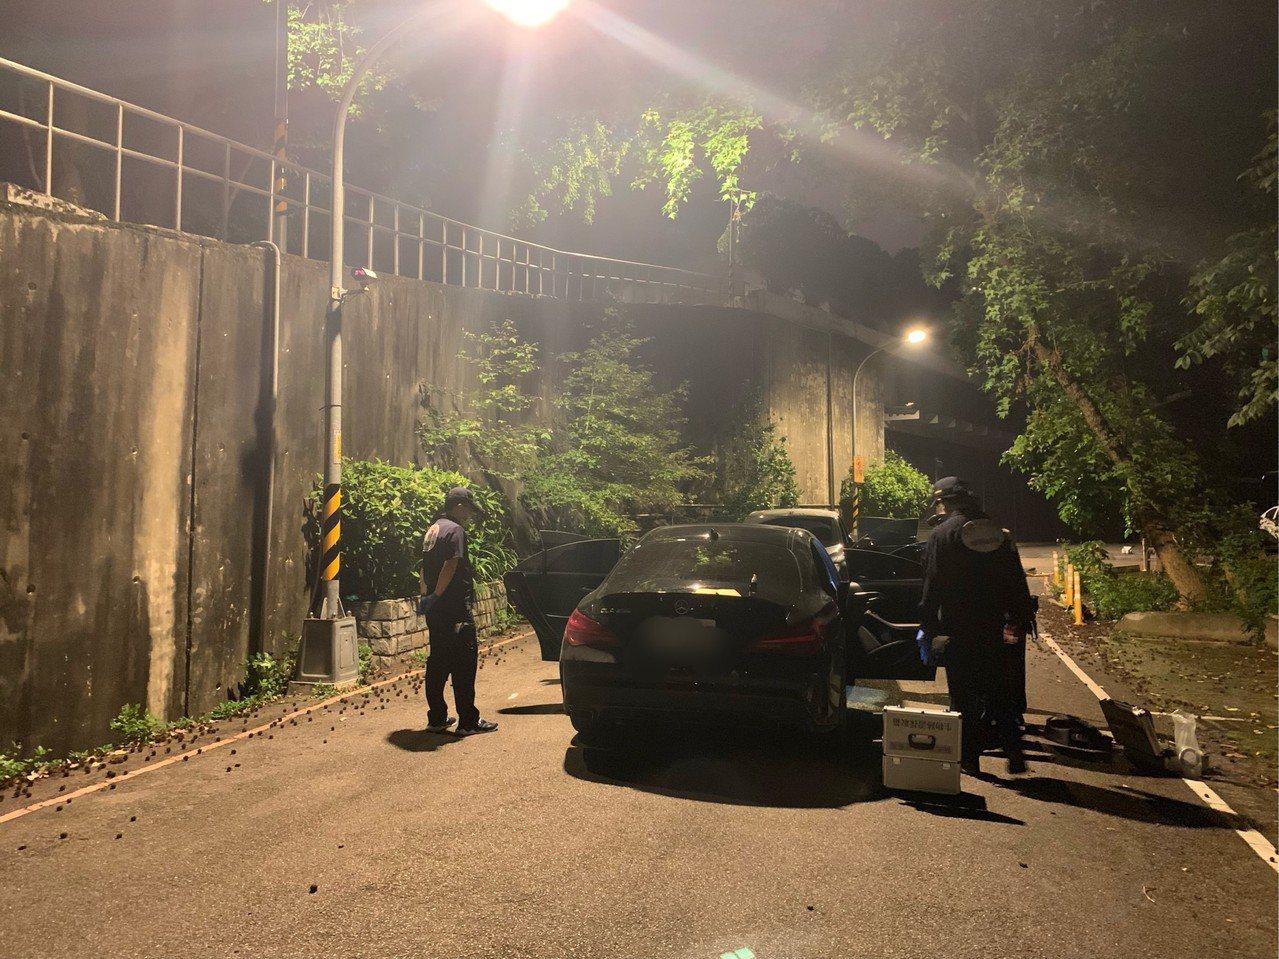 新北市中和區昨天晚上發生街頭槍擊案,一輛BMW汽車遭人連開8槍,中和警方於案發後...